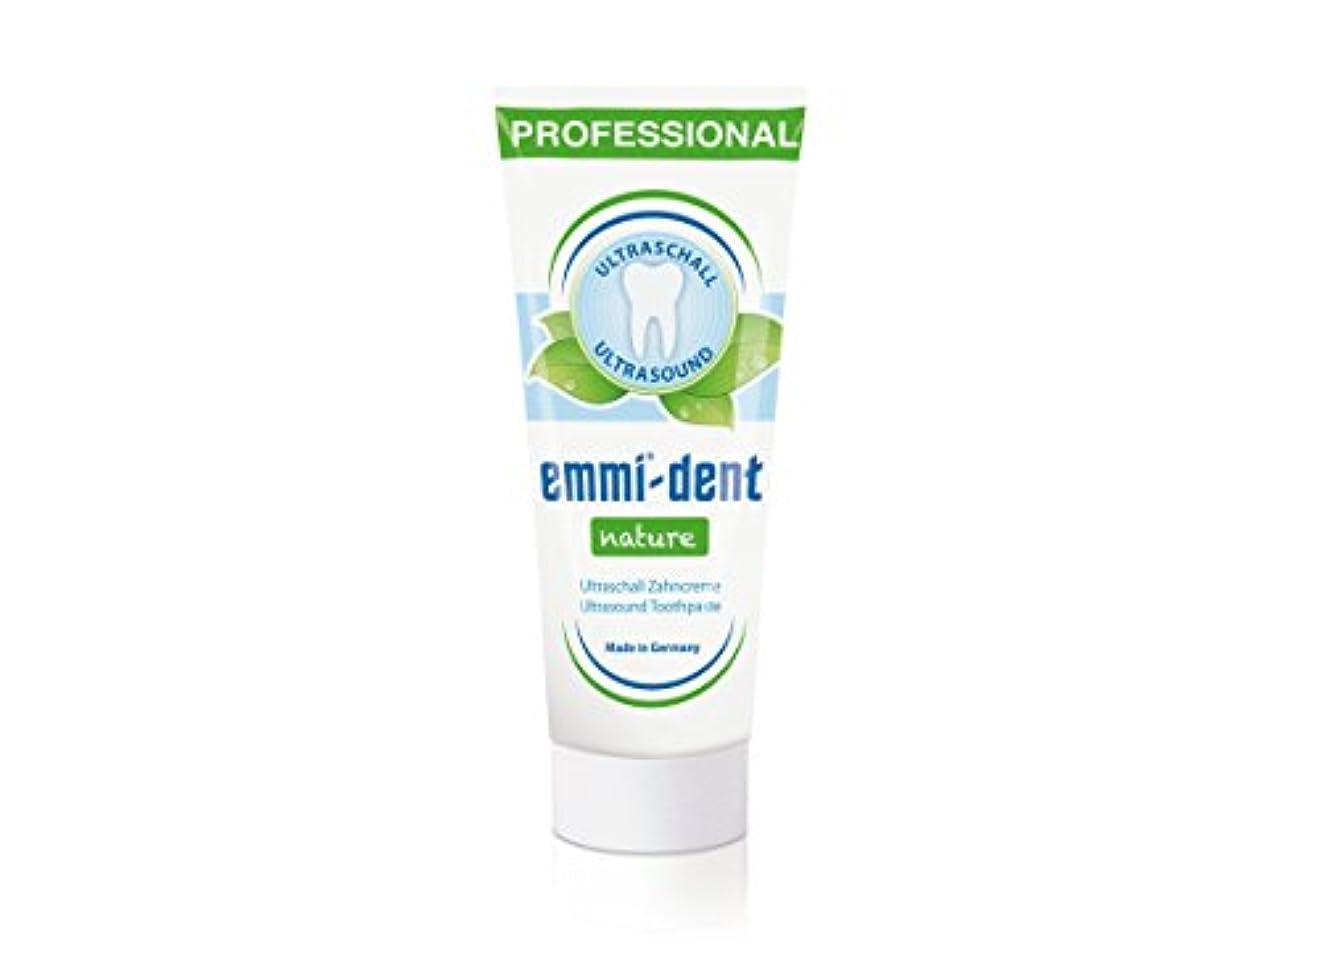 奨励します普及小説Emmi−dent(エミデント) 超音波歯ブラシ専用 歯磨きペースト エミデント ネイチャー 75g